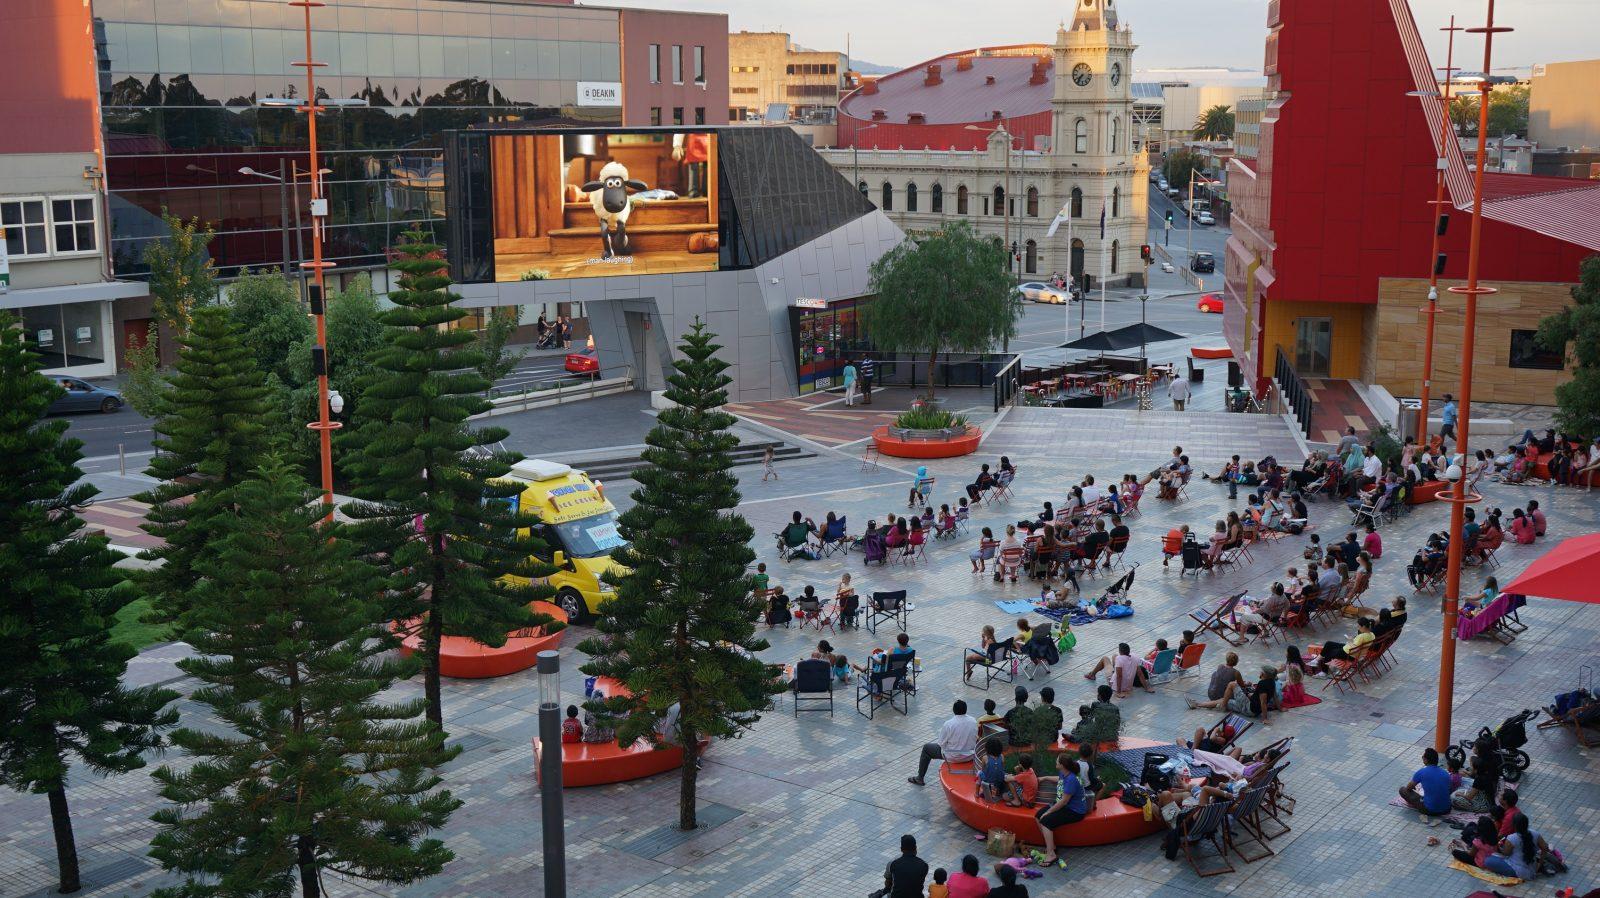 Cinema in the Square